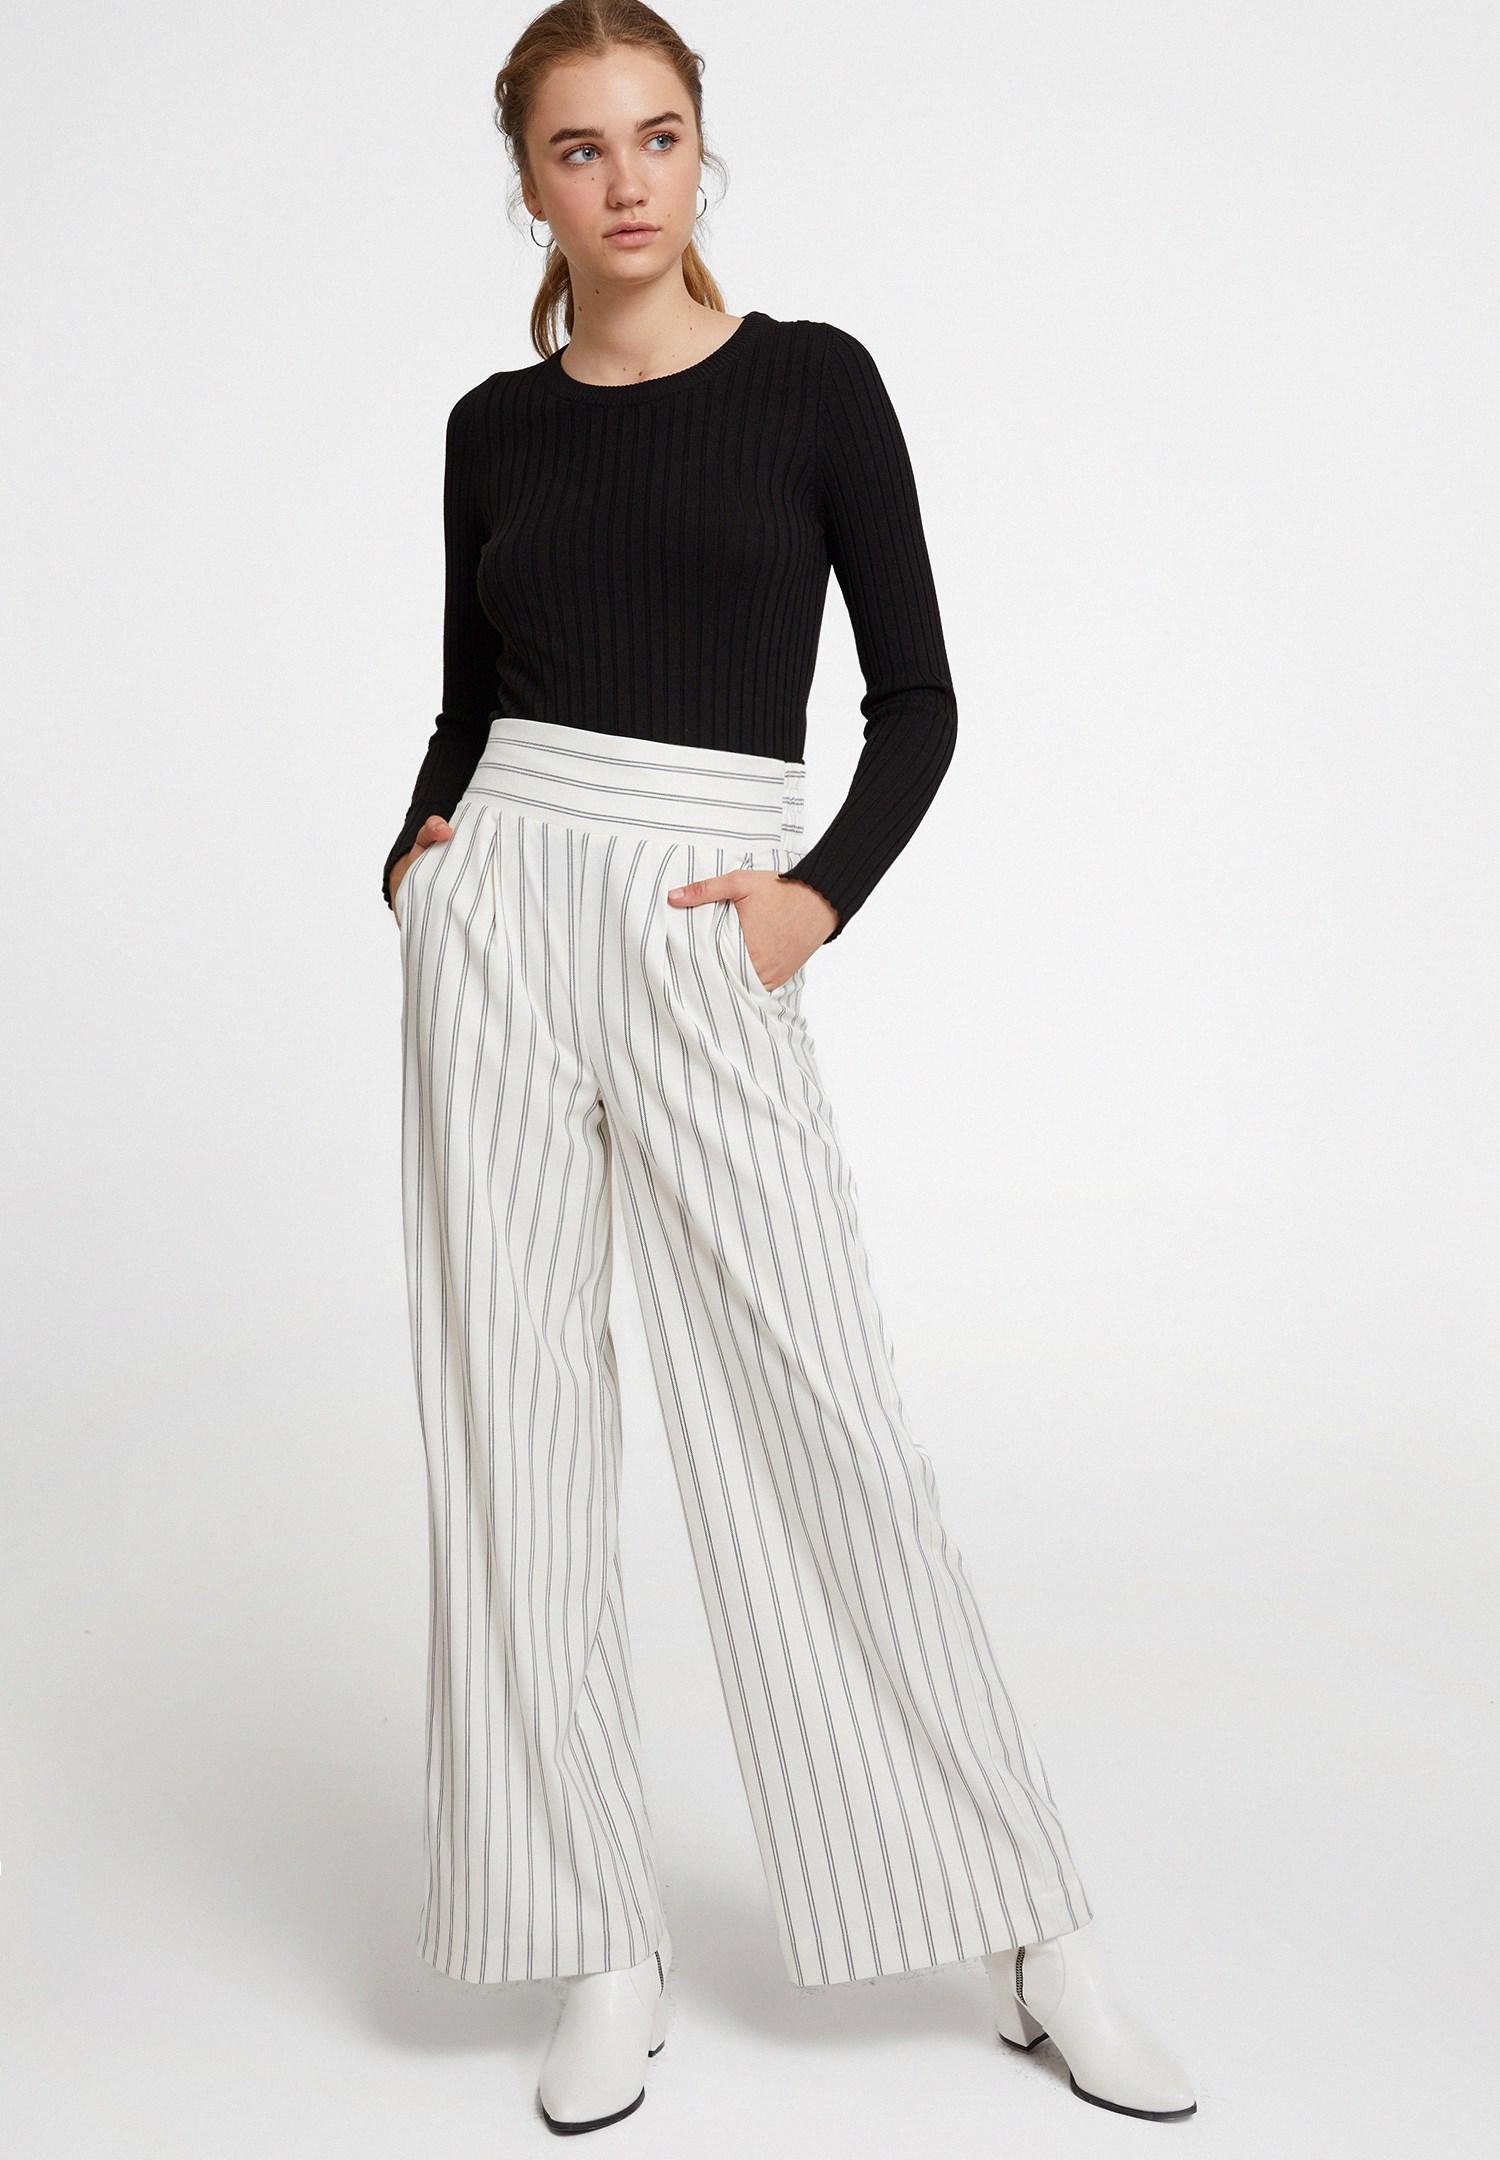 Women Black Long Sleeve Knitwear with Detail